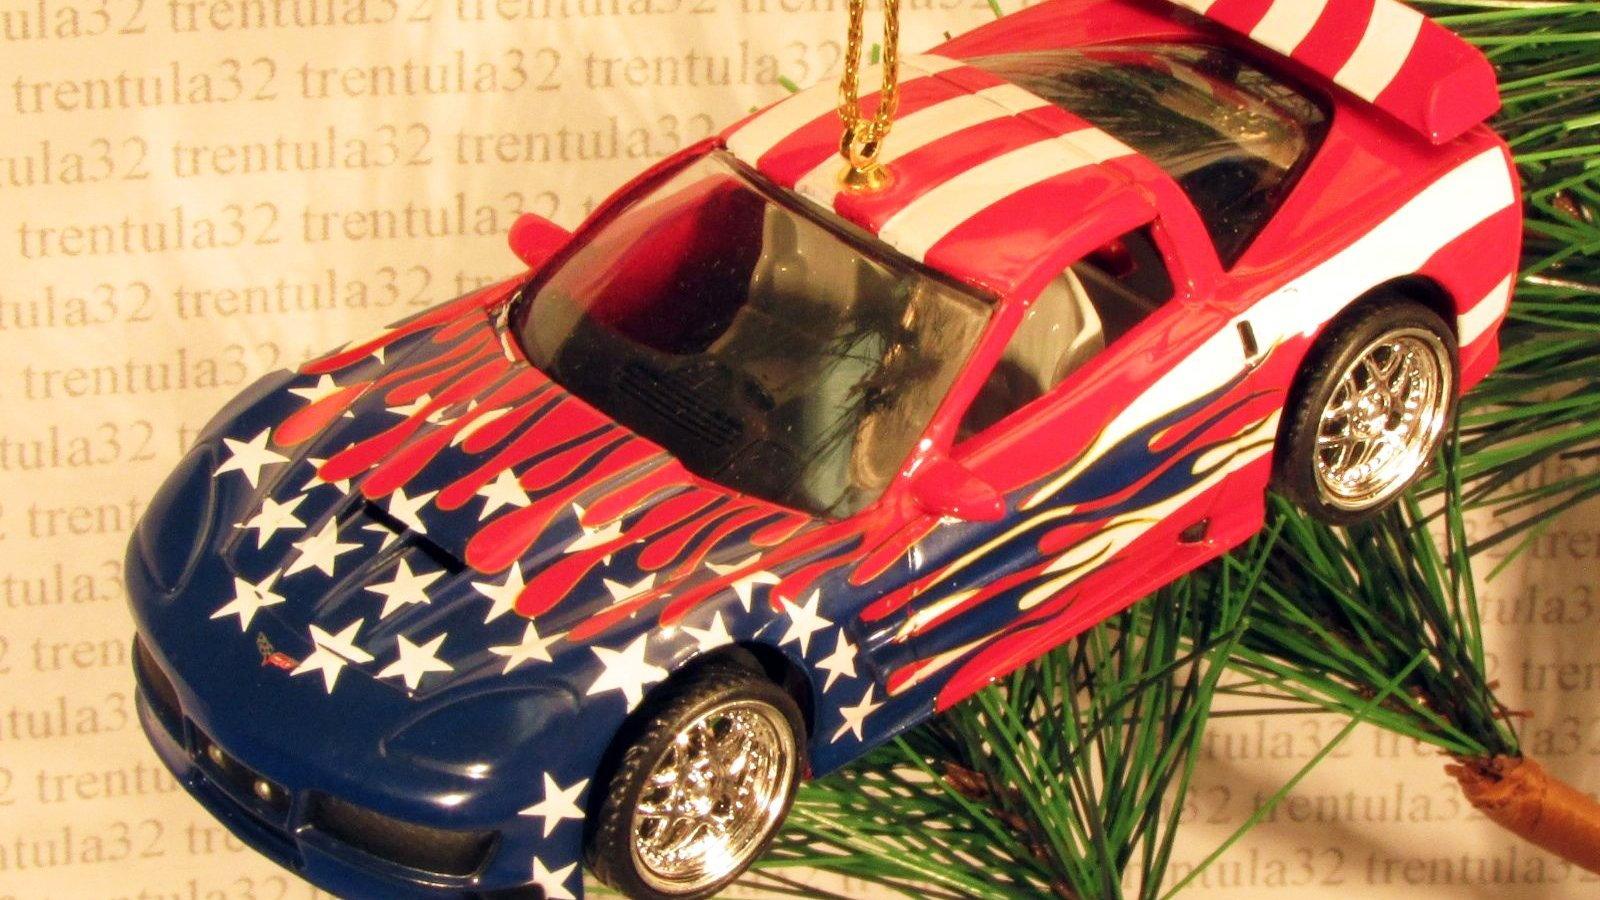 8 Corvette Christmas Ornaments - CorvetteForum - Chevrolet ...